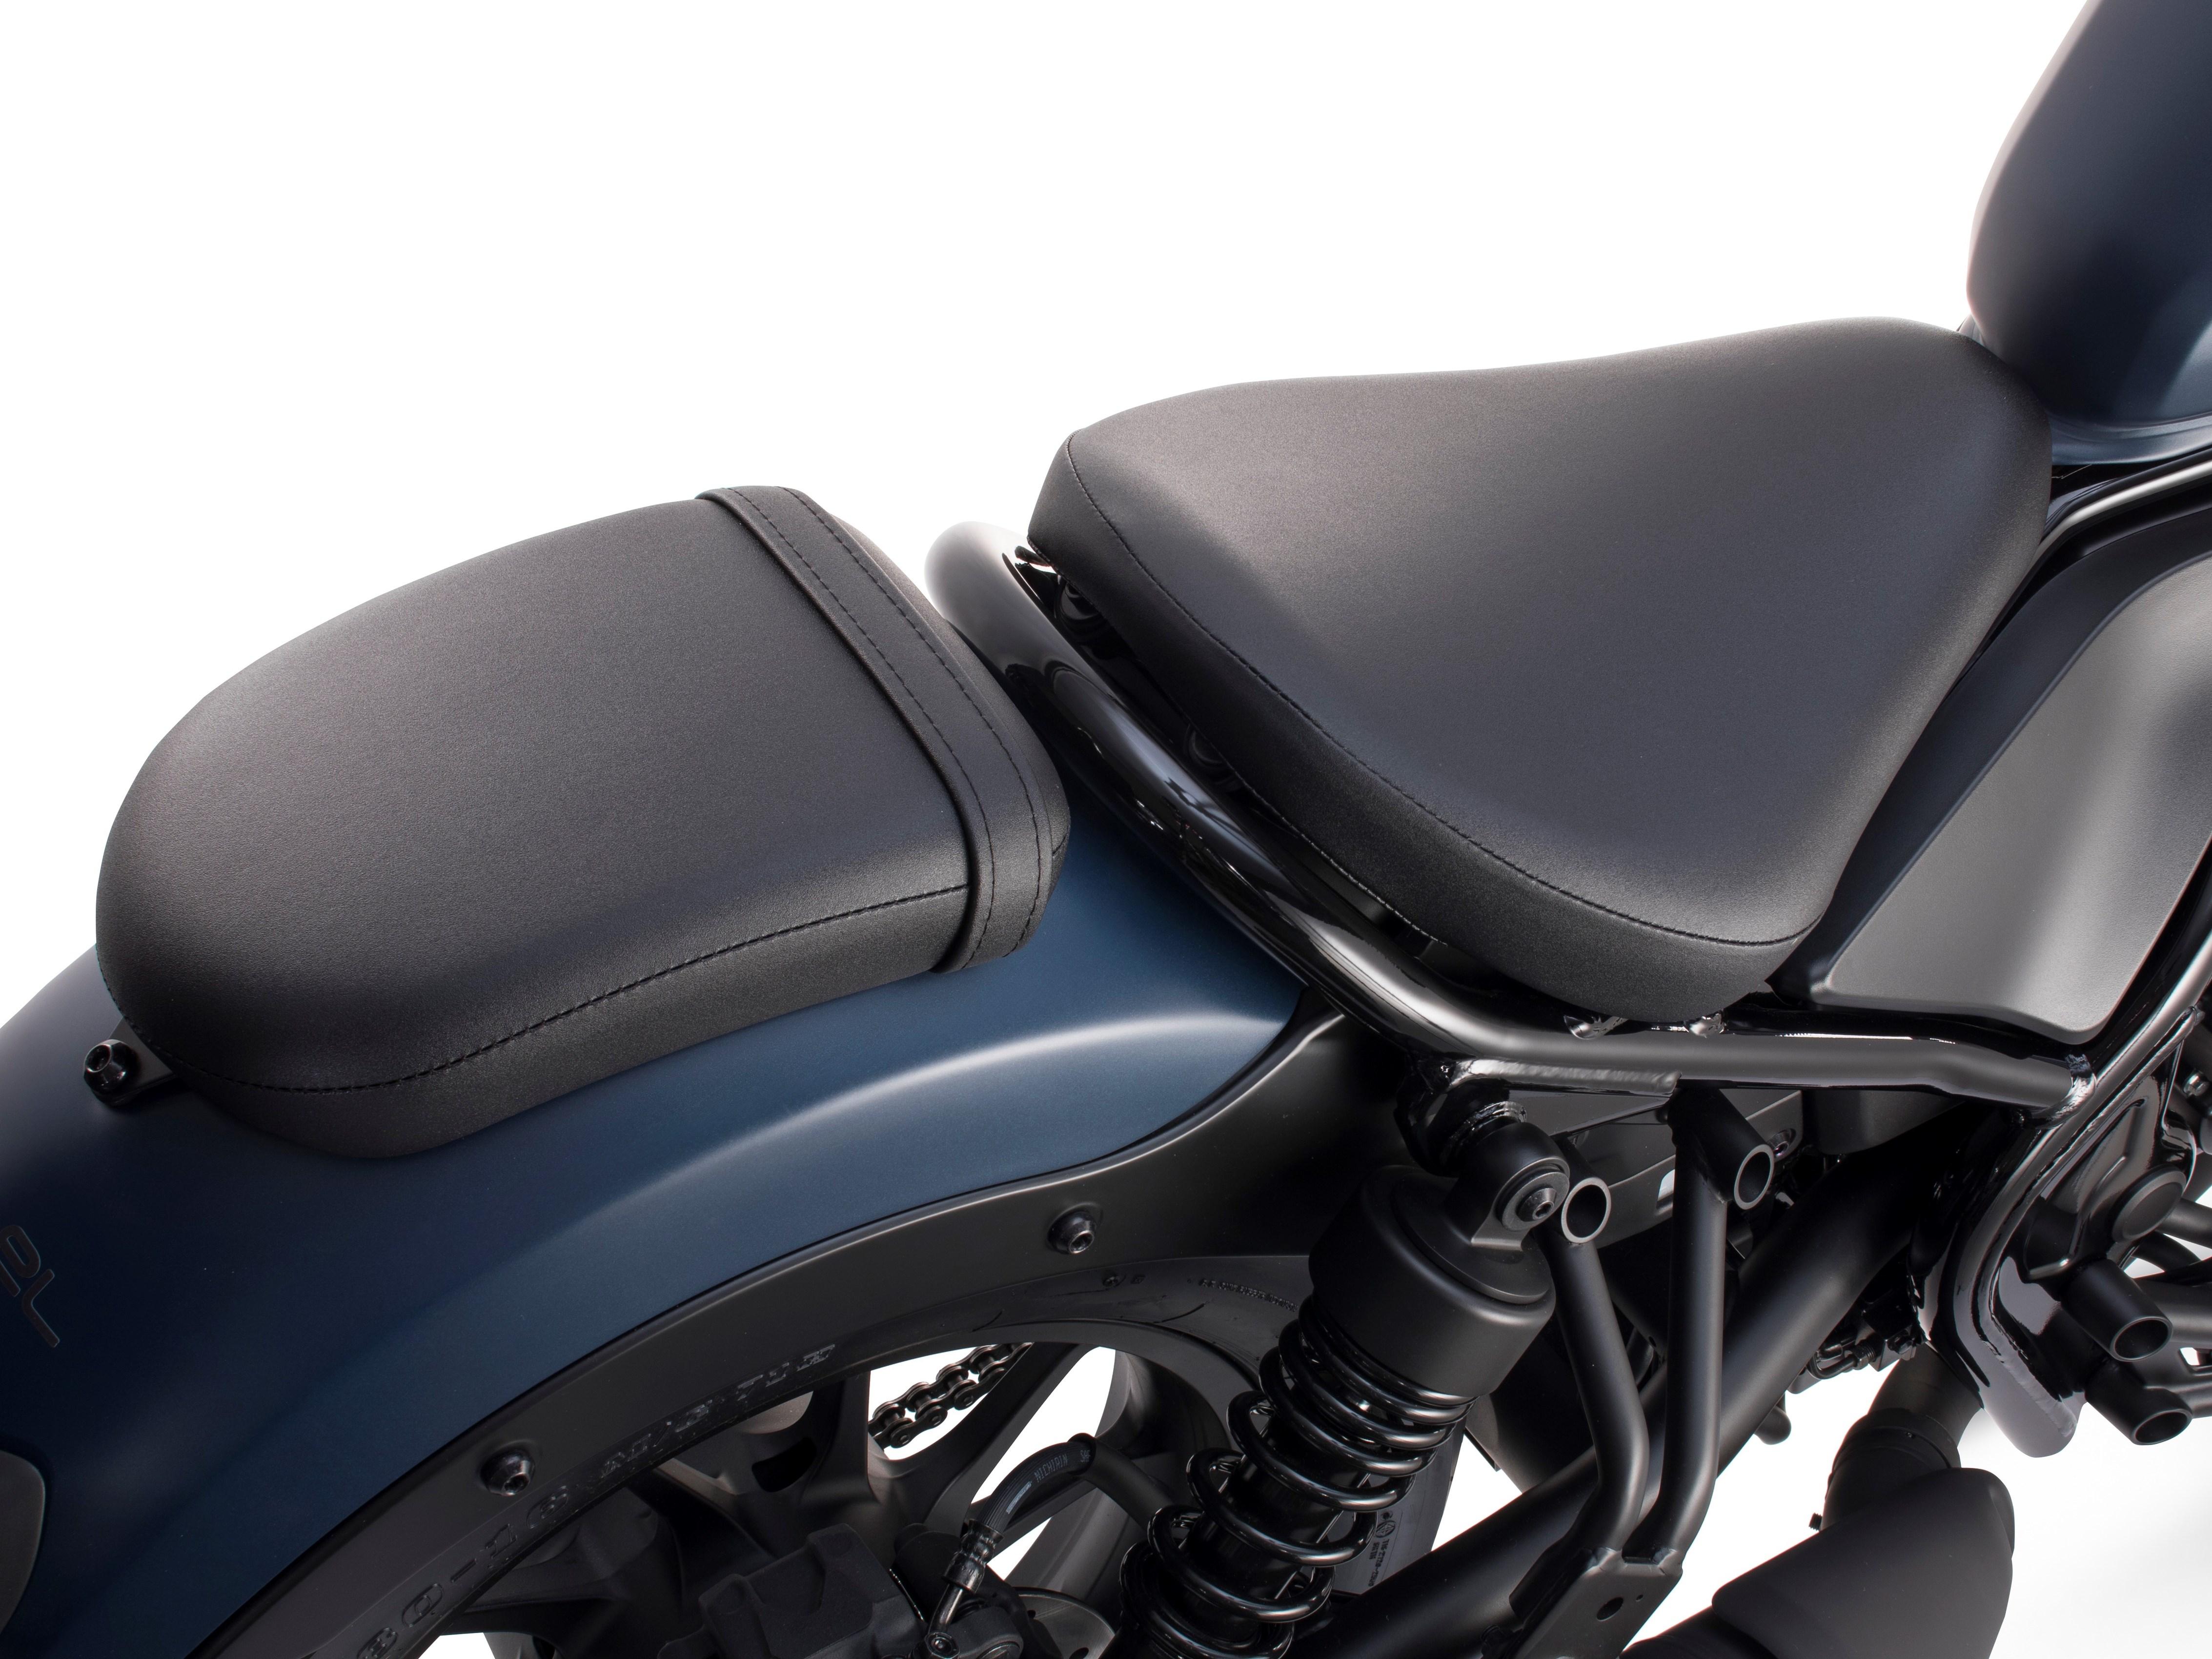 195915-2020-honda-rebel.jpg